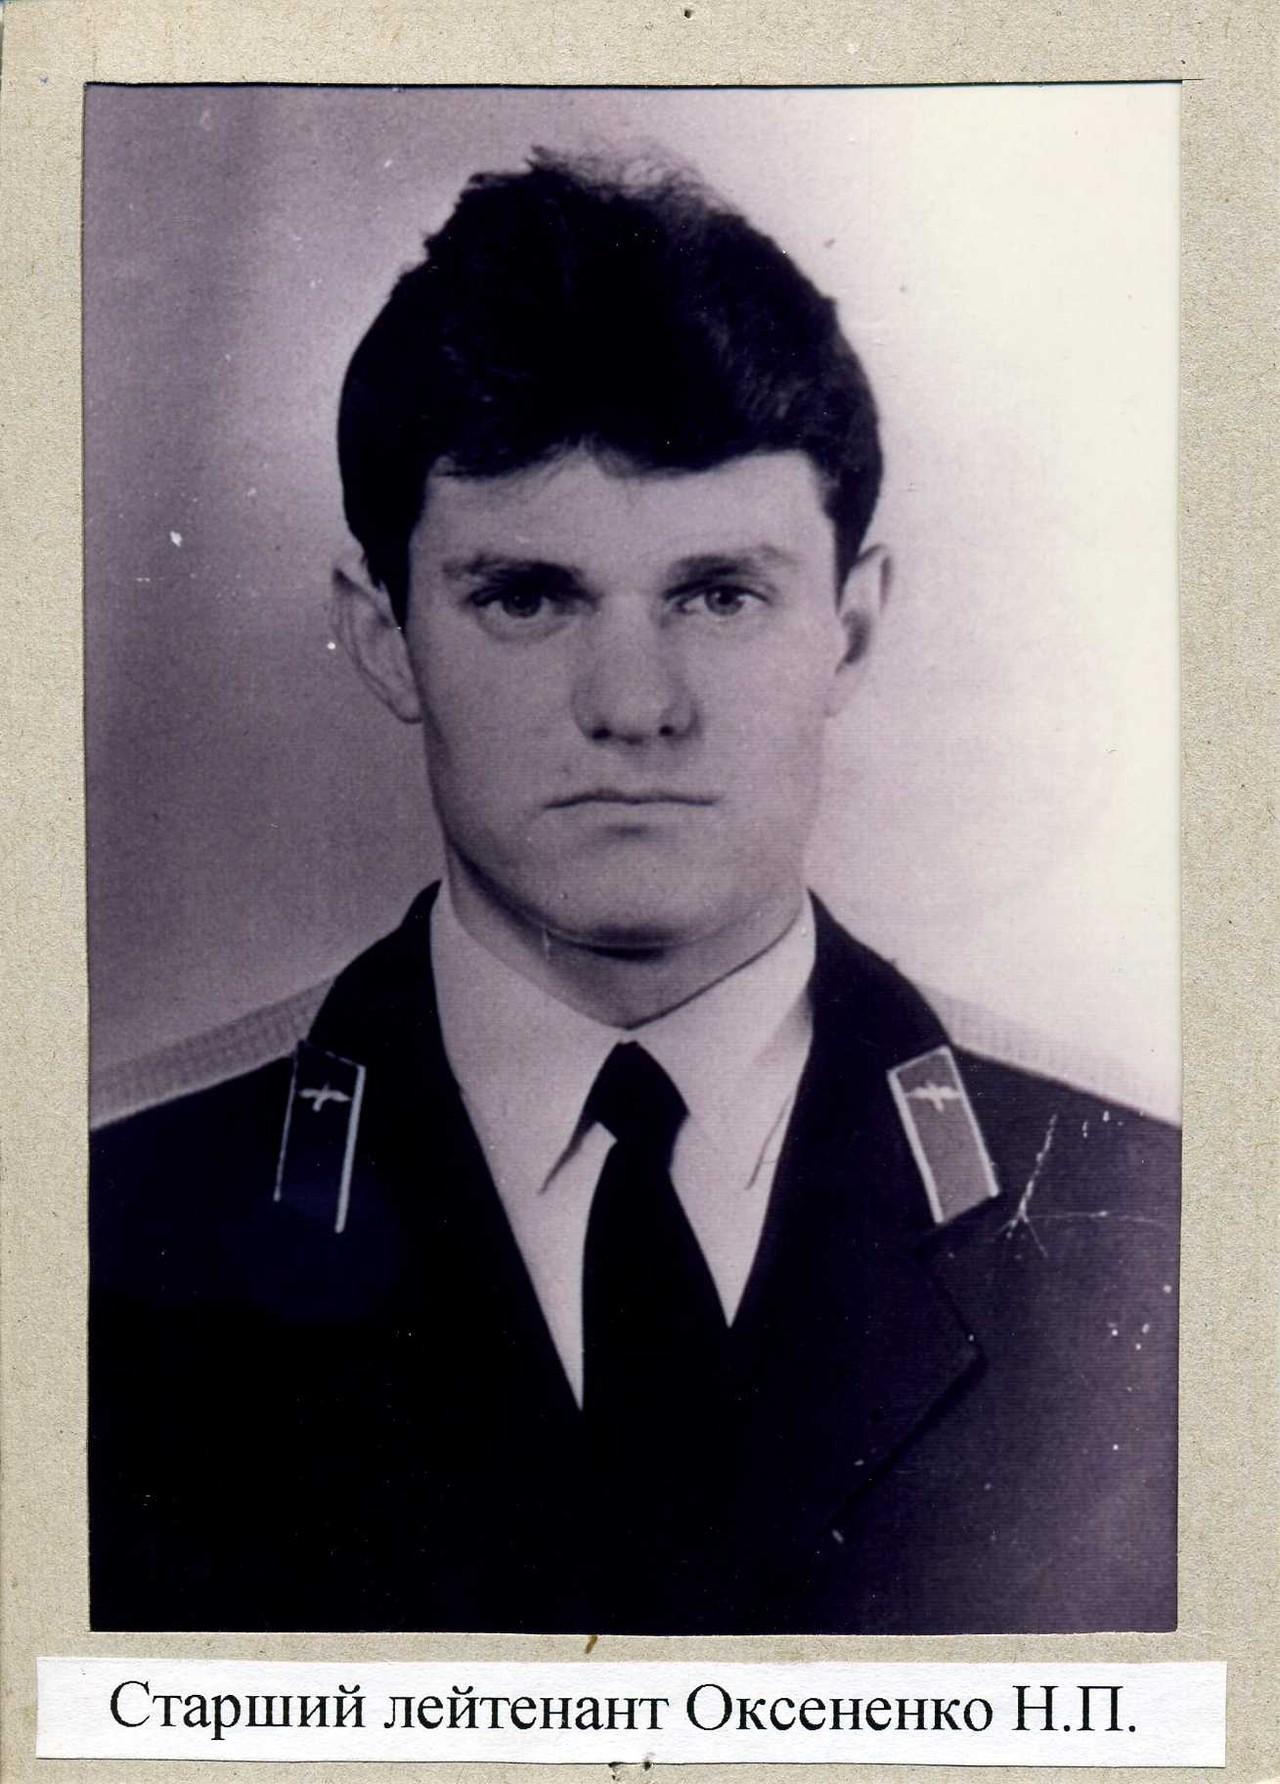 Оксененко Николай Петрович